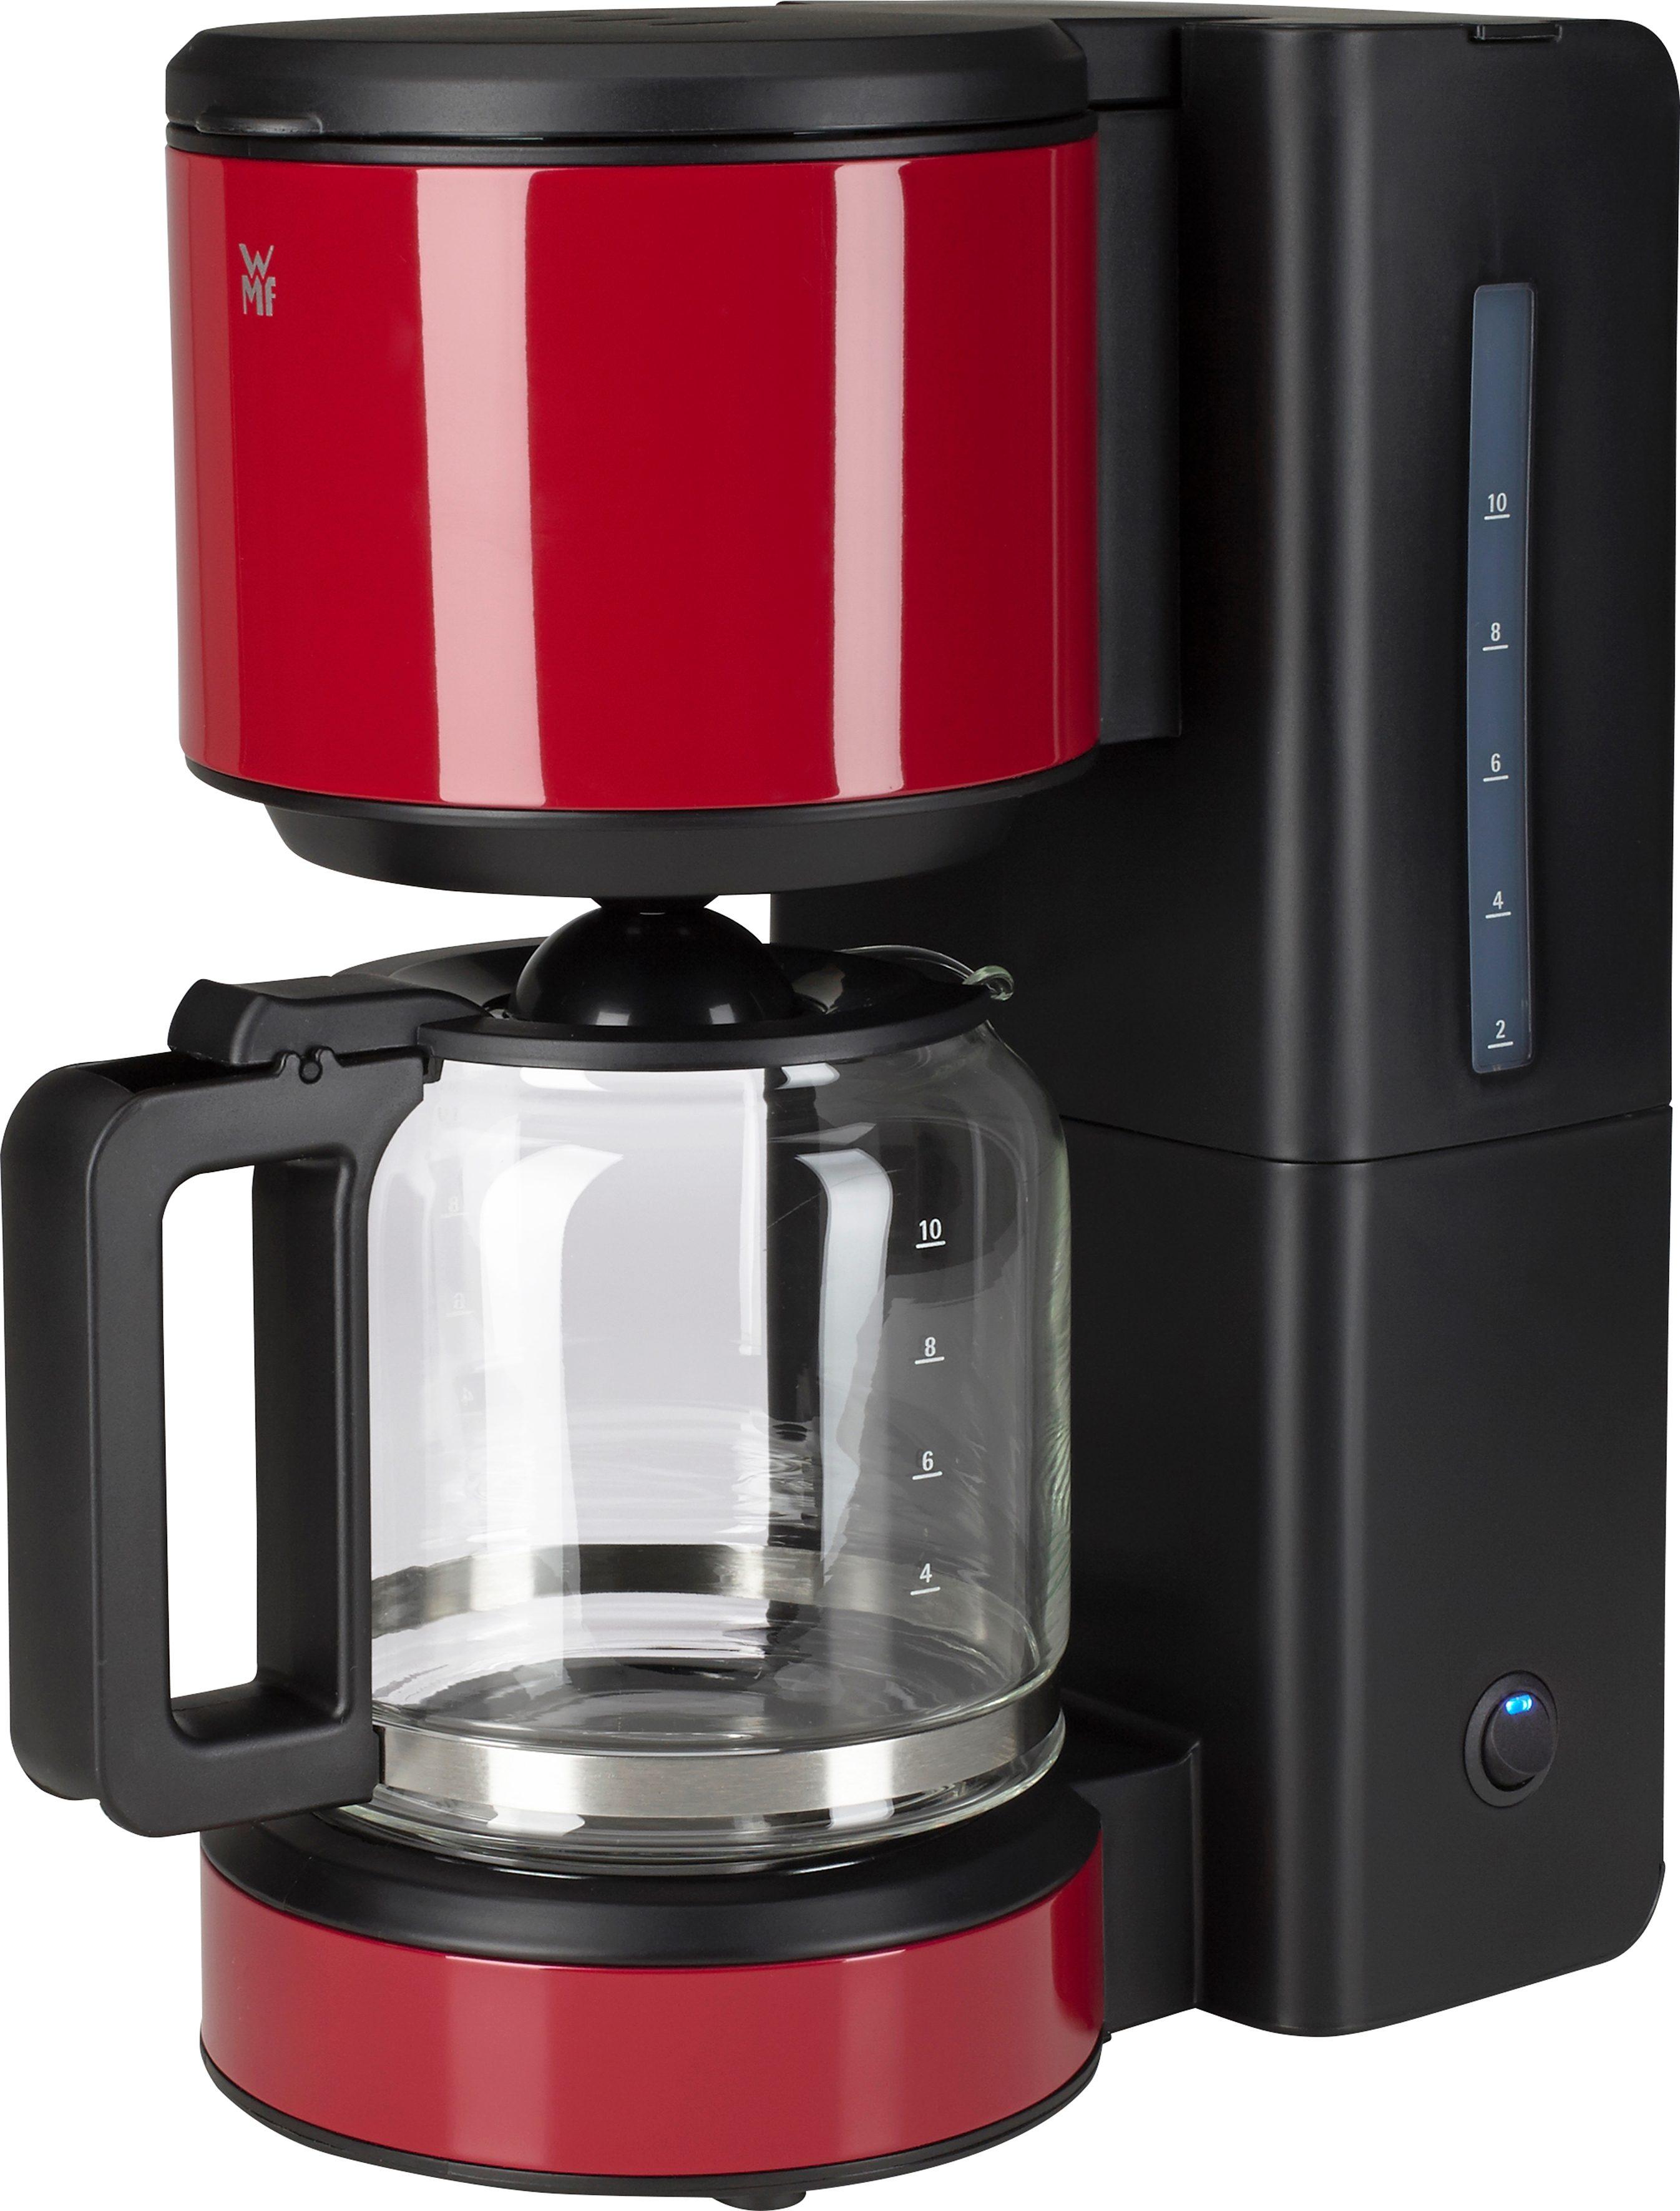 WMF Kaffeemaschine STELIO Aroma, 1000 Watt, für 10 Tassen, vulcano red